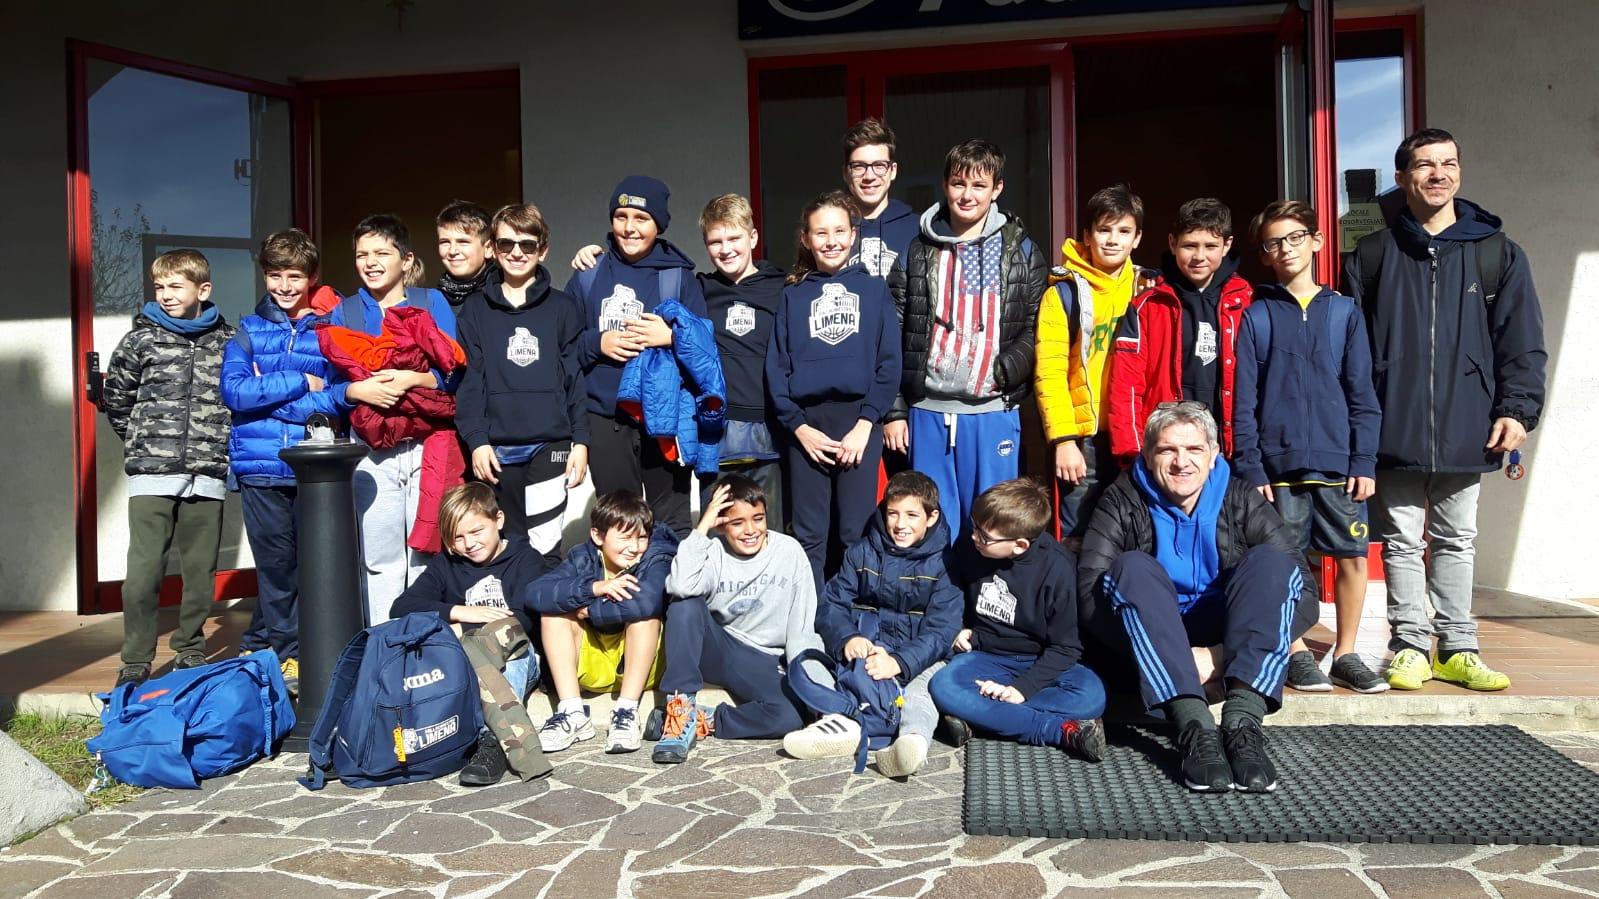 Gruppo Aquilotti Esordienti Torneo di Asiago 2018